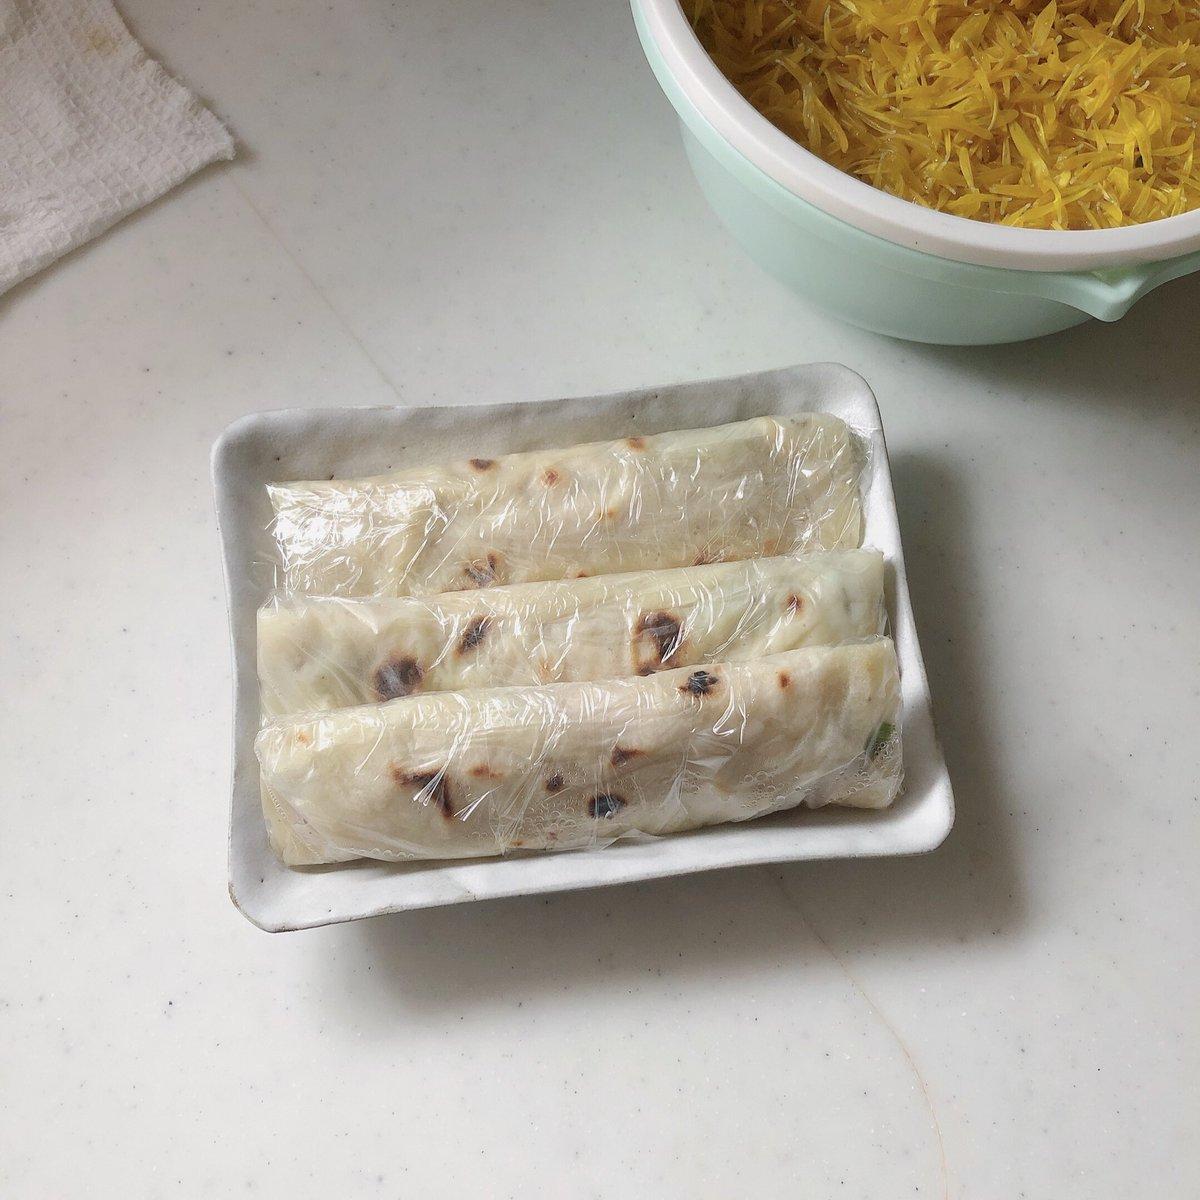 ブリトー 米粉